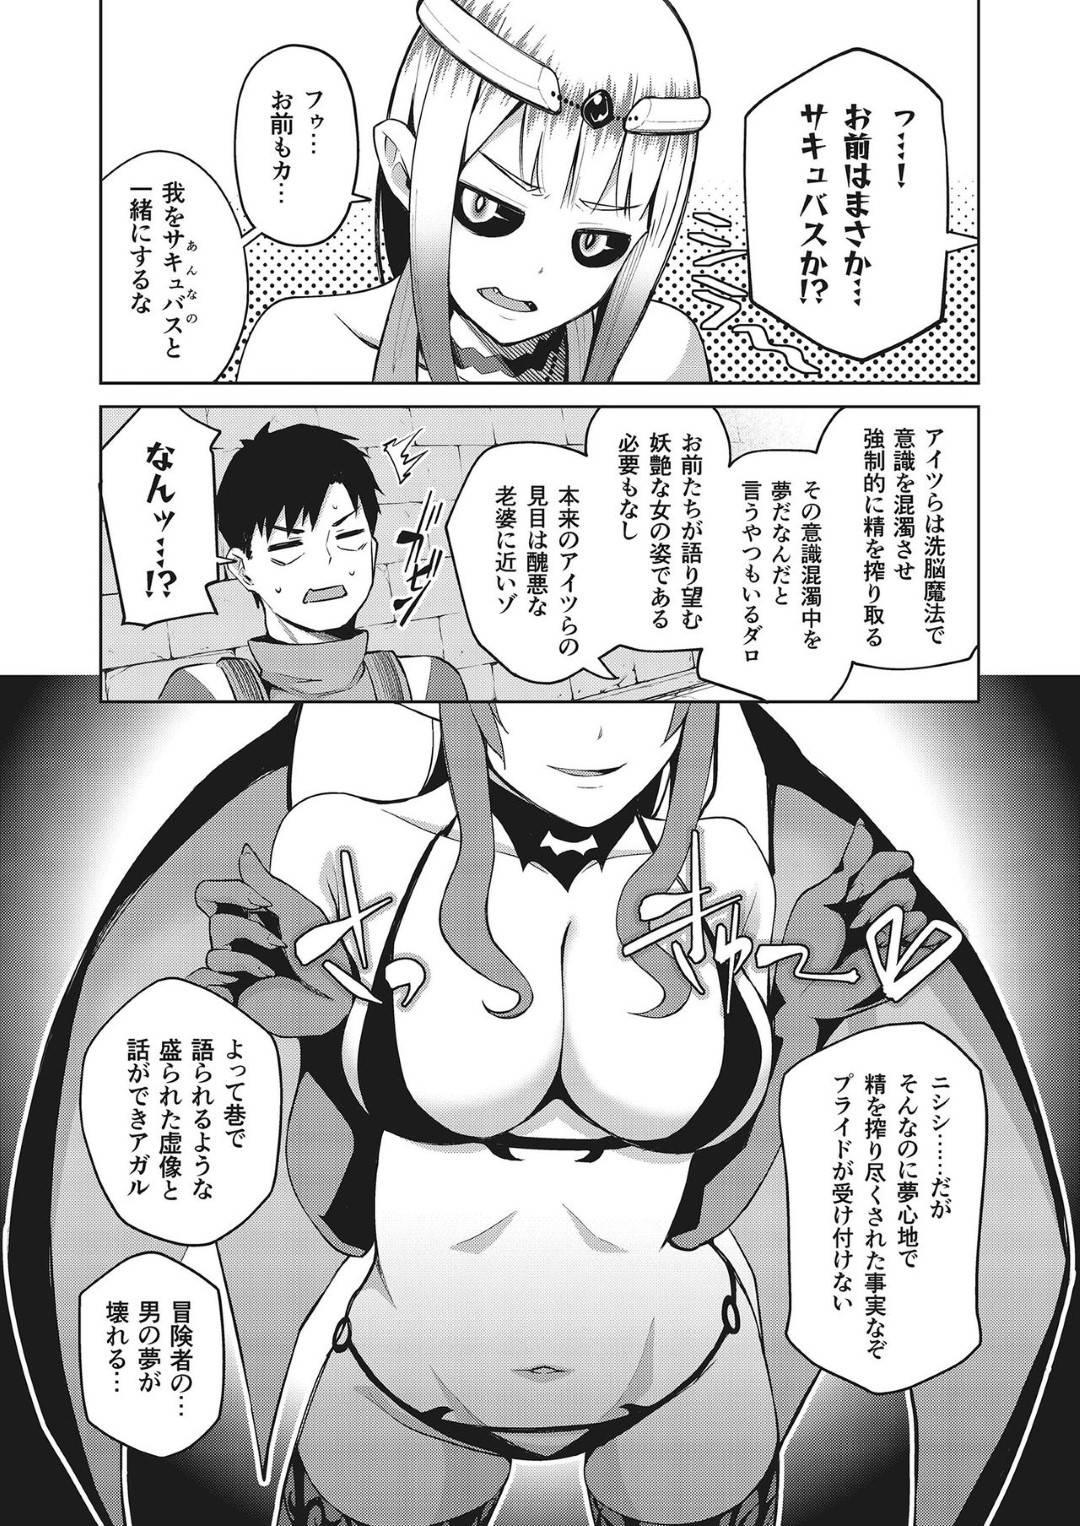 【エロ漫画】ダンジョンで魔物の少女と遭遇した冒険者の主人公。彼女に眠らされてベッドへと連れ込まれてしまった彼は強引にフェラをされた挙げ句、騎乗位で強引に逆レイプされる事になってしまう。